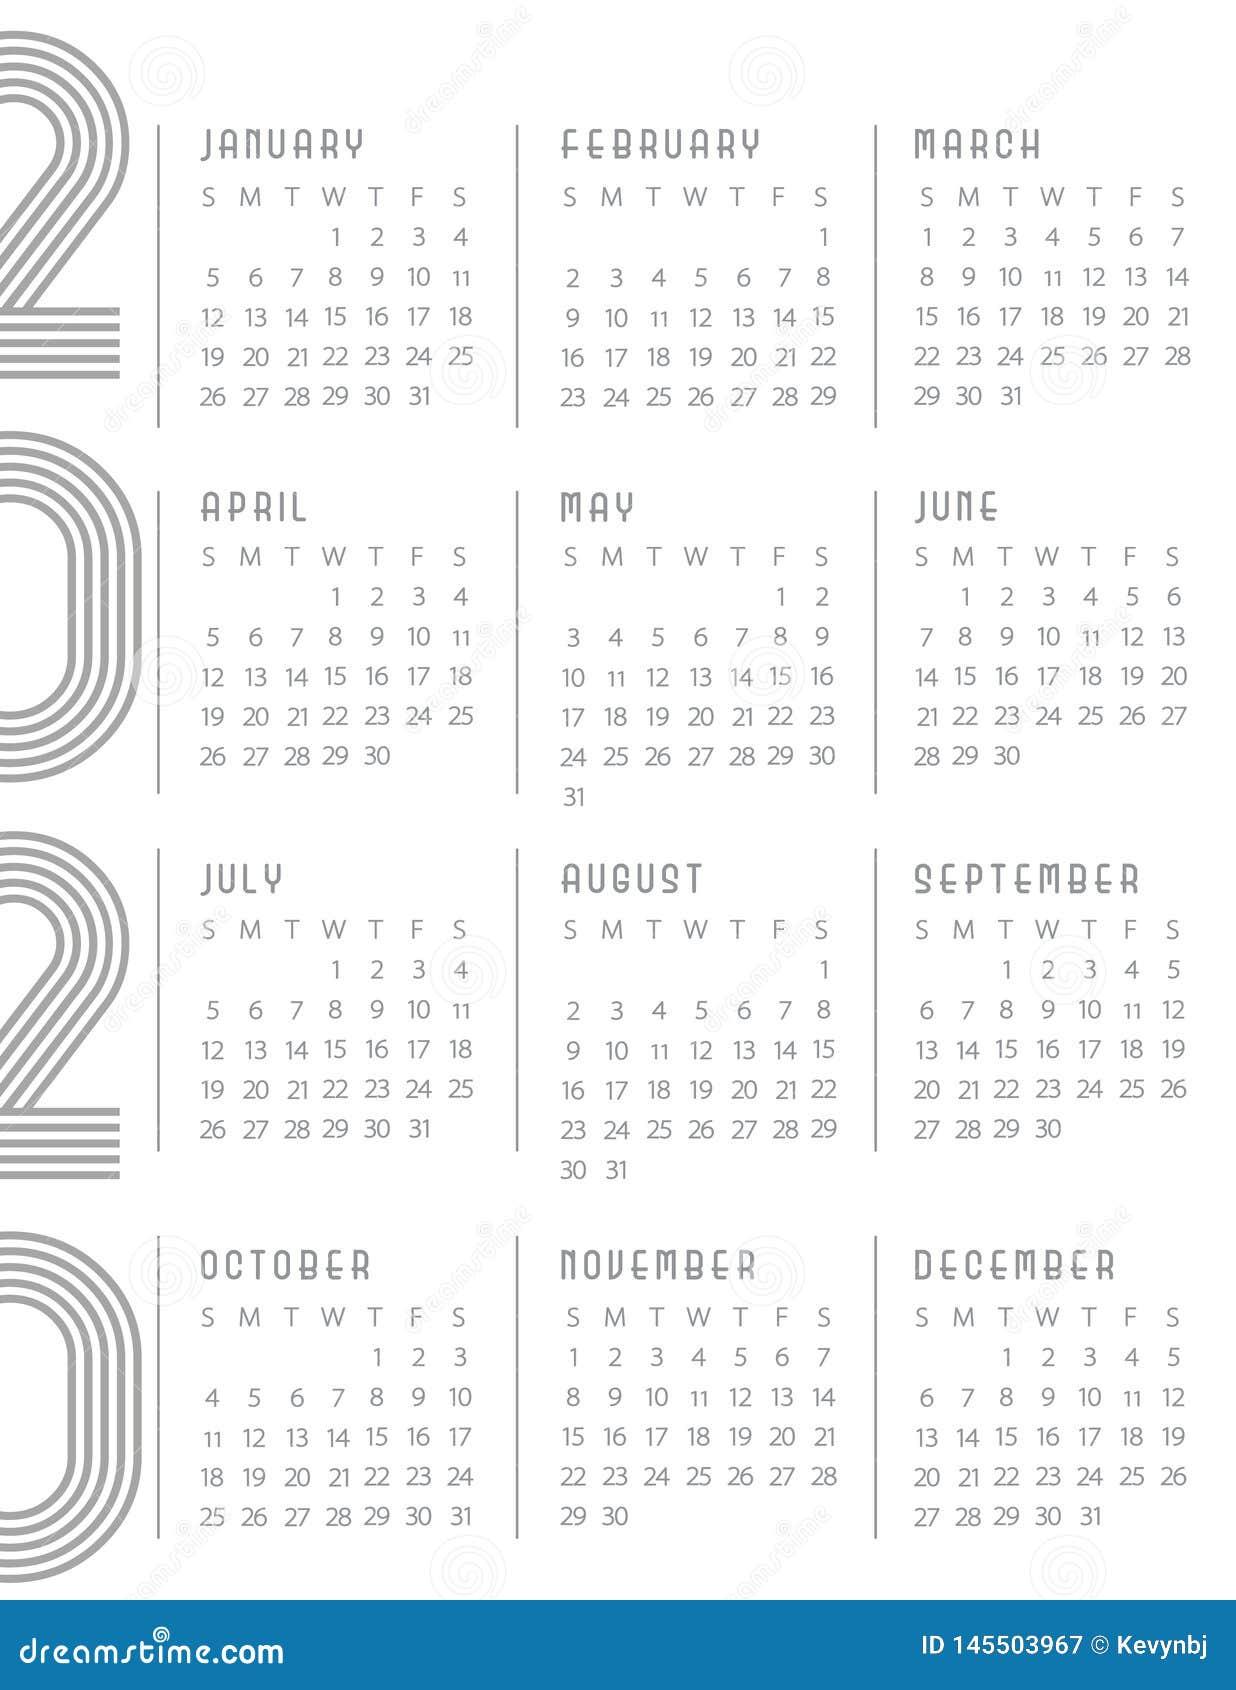 2020 débuts de calendrier dimanche Art Deco Whtie Gray moderne